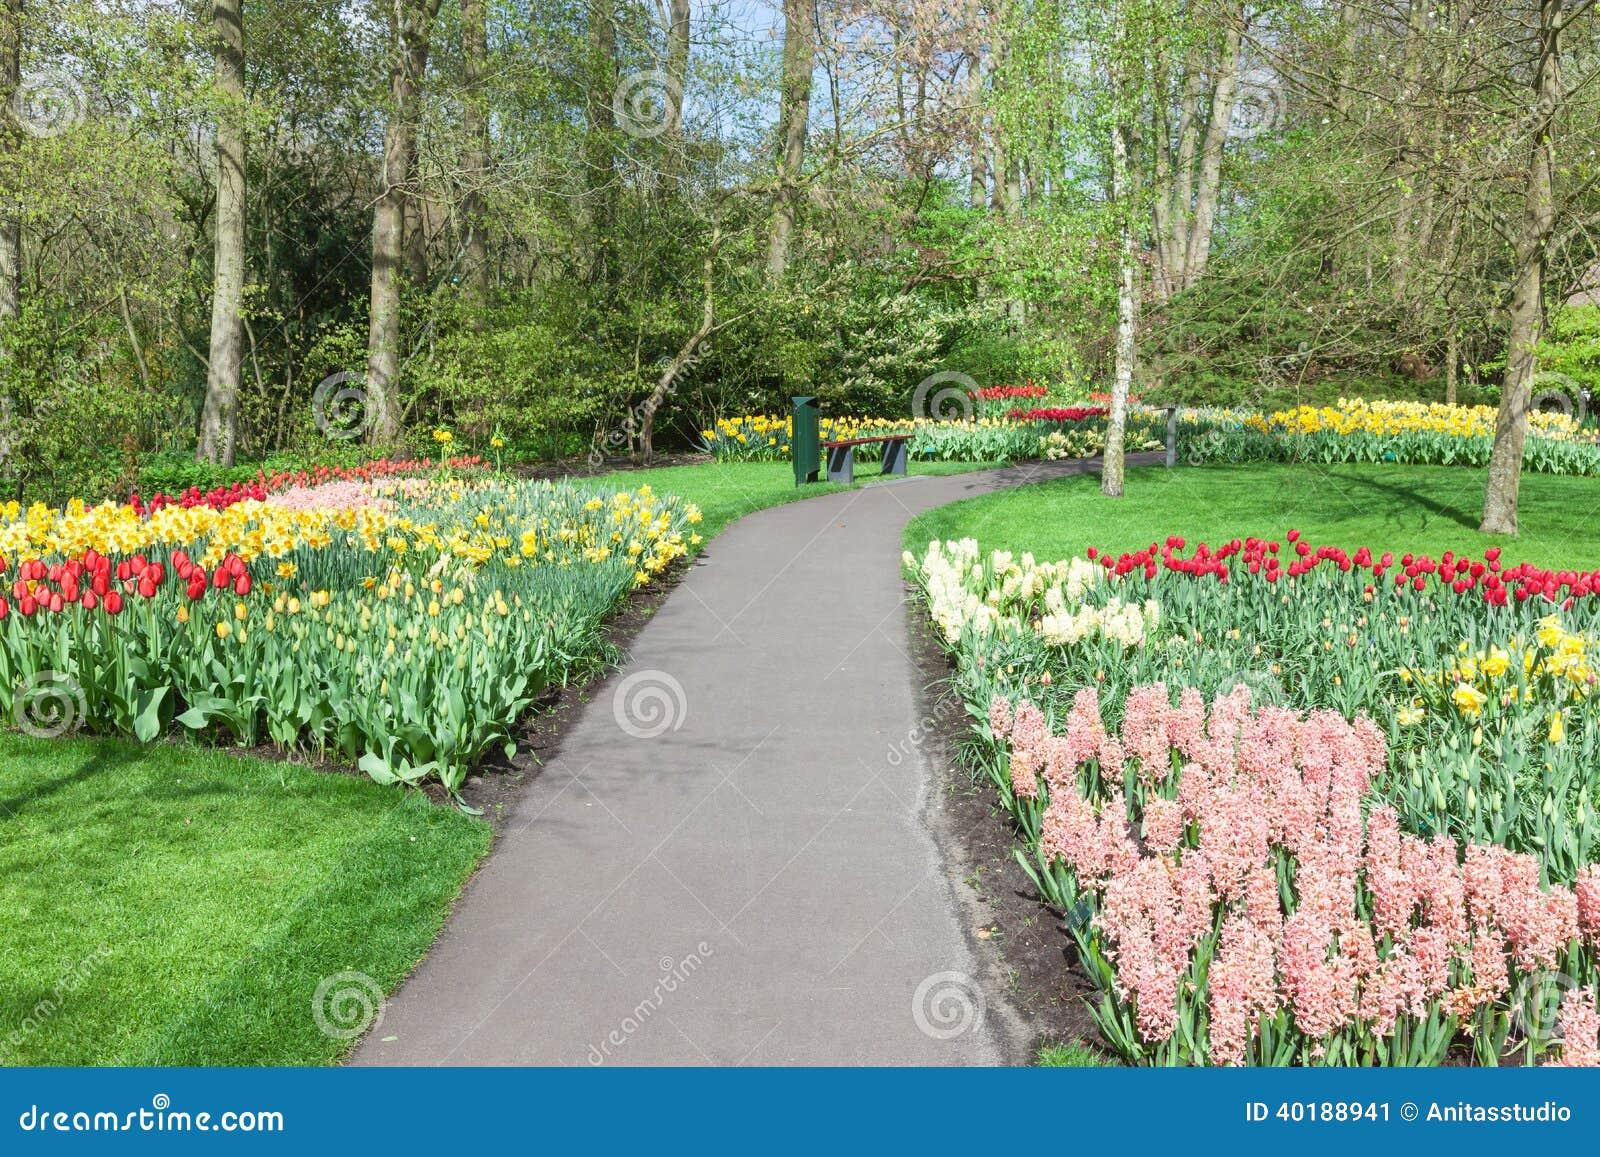 flores coloridas jardim:Flores e flor coloridas no jardim holandês Keukenhof da mola (Lisse